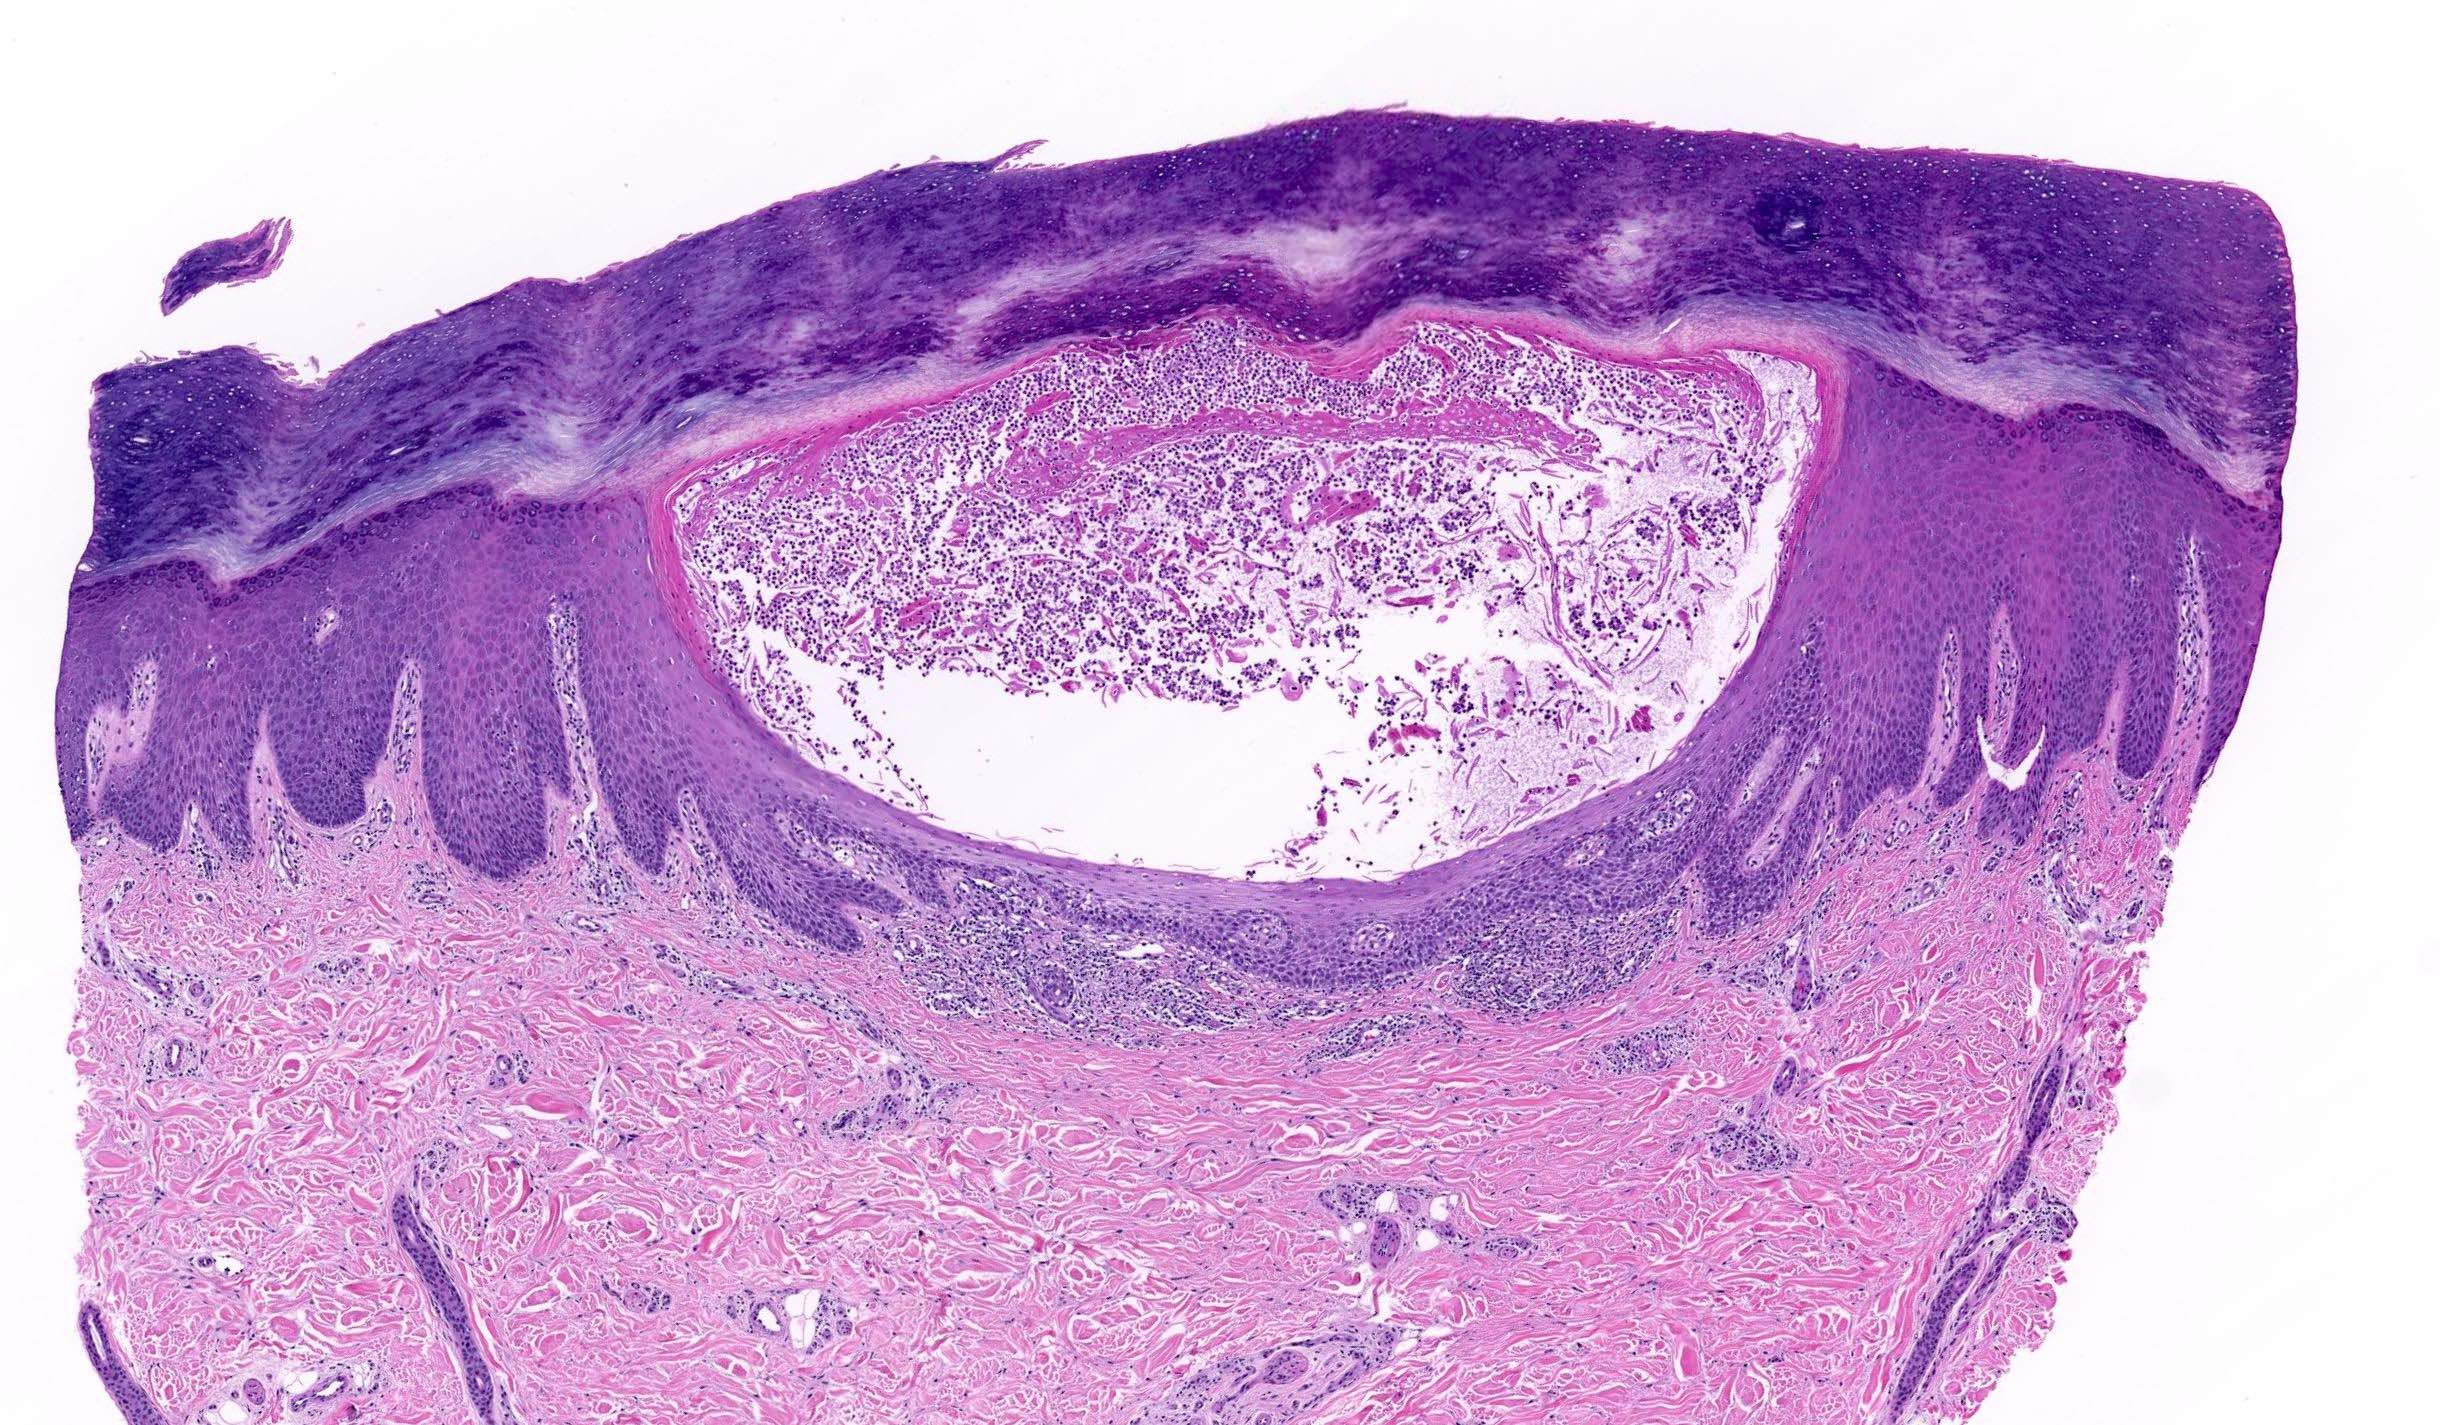 palmoplantar psoriasis pathology